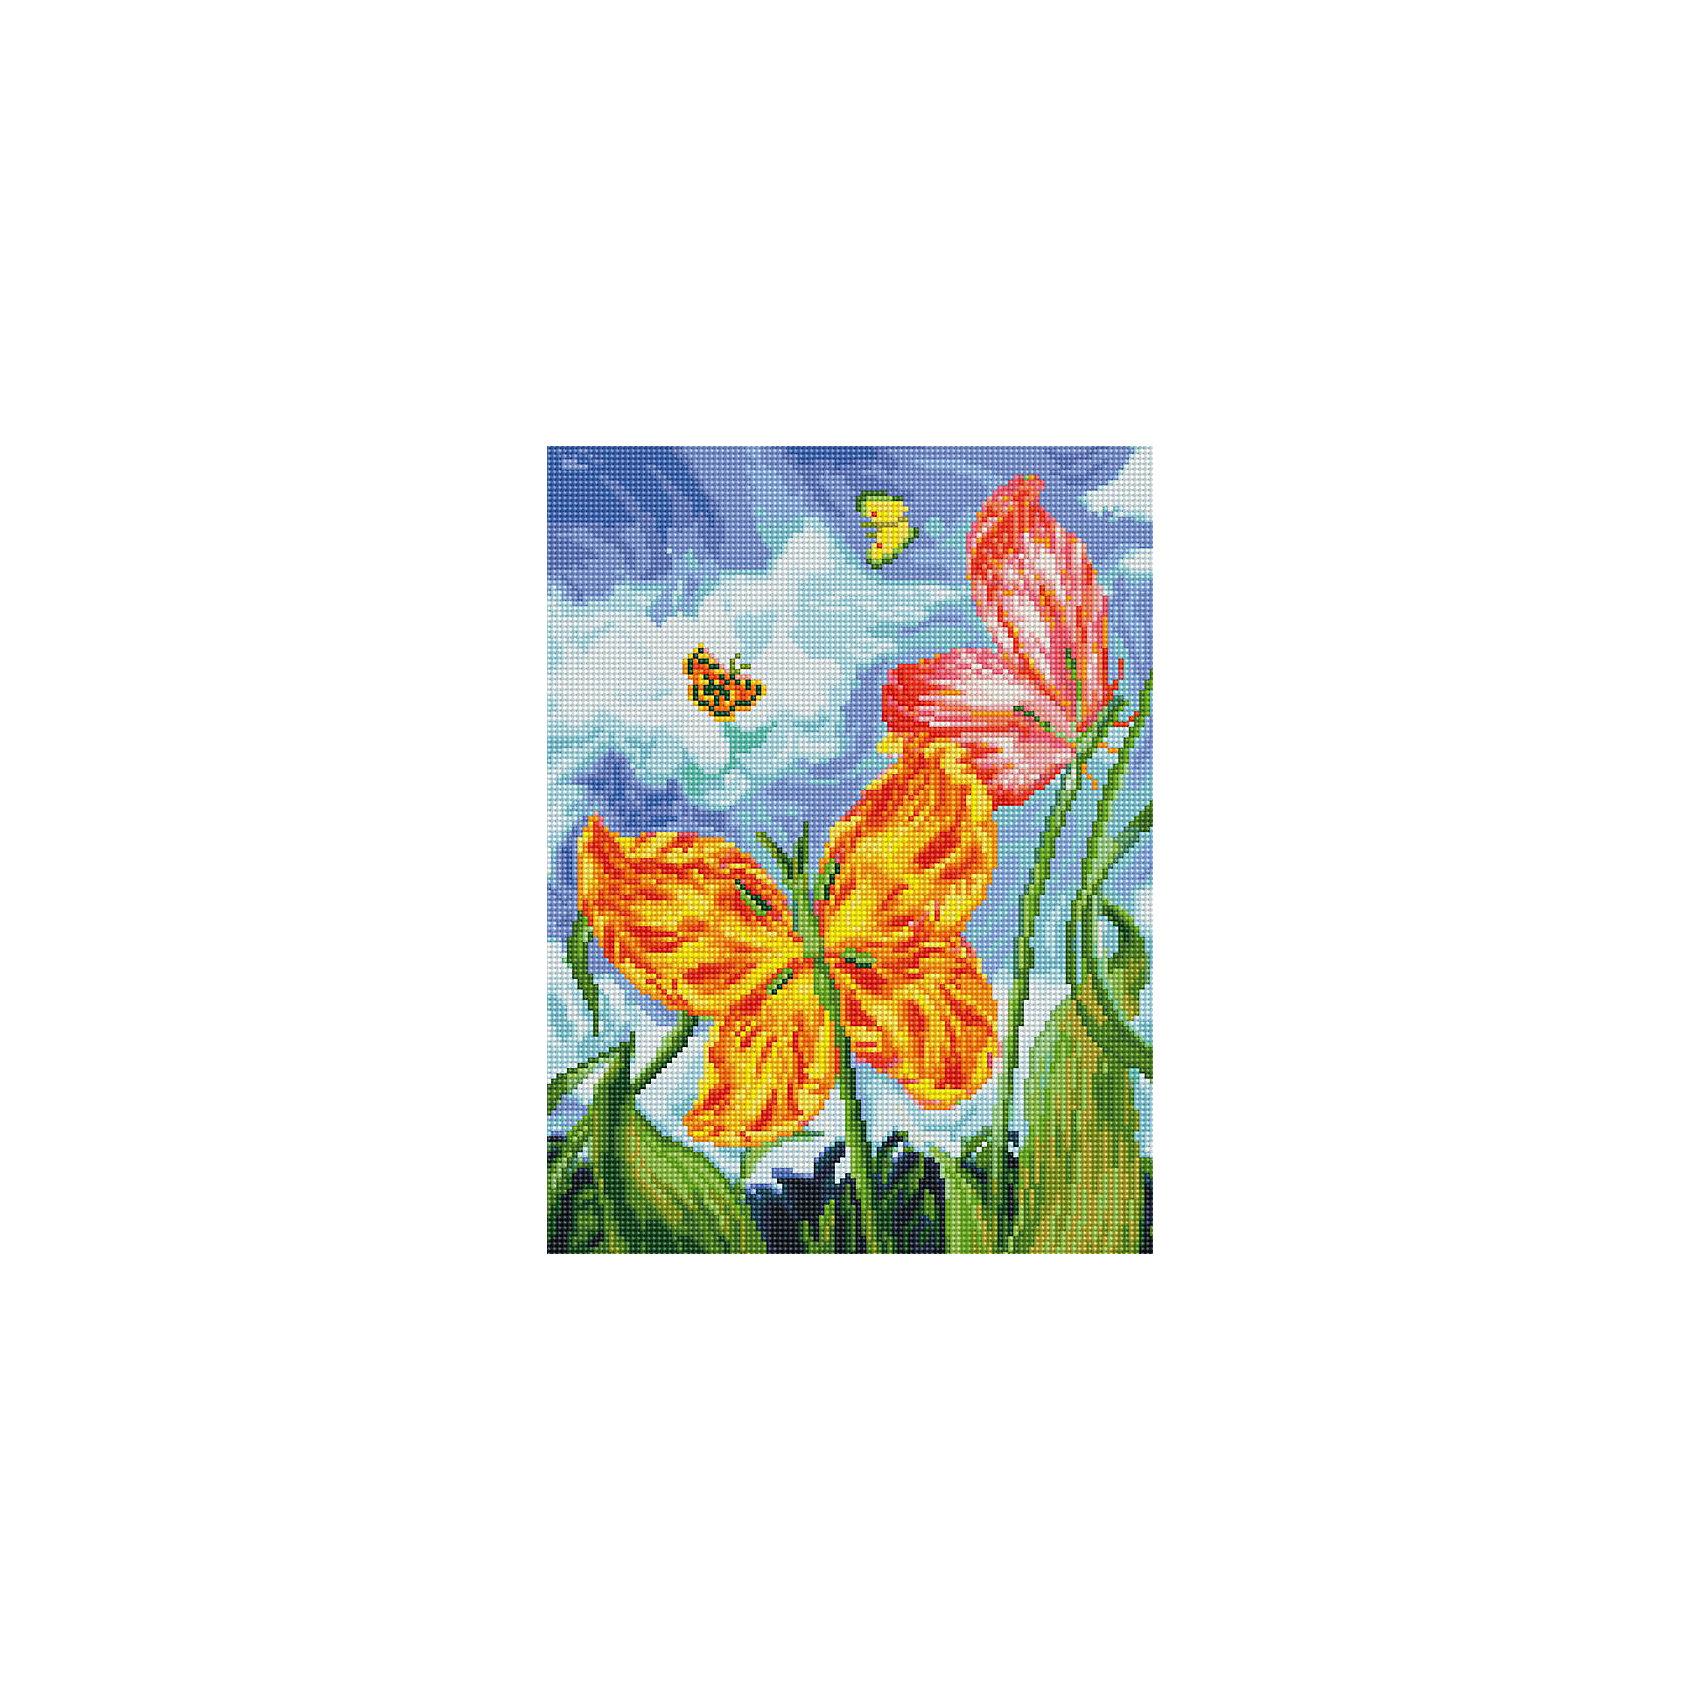 Мозаика на подрамнике БабочкиХарактеристики:<br><br>• Предназначение: для творческих занятий<br>• Тематика: насекомые, цветы<br>• Пол: для девочек<br>• Материал: дерево, бумага, пластик<br>• Цвет: голубой, белый, сиреневый, желтый, оранжевый, красный, зеленый и др.<br>• Количество цветов: 41<br>• Комплектация: холст на подрамнике, стразы, пинцет, карандаш для камней, клей, лоток для камней инструкция<br>• Размеры готовой работы (Ш*Д): 30*40 см<br>• Тип выкладки камней: сплошное заполнение рисунка<br>• Стразы круглой формы ограненные<br>• Вес: 980 г <br>• Упаковка: картонная коробка<br><br>Мозаика на подрамнике Бабочки – это набор от торговой марки Белоснежка, специализирующейся на товарах для творчества и рукоделия. Комплект для мозаики состоит из холста на деревянном подрамнике, набора необходимых камней и приспособлений для их выкладки. На холст нанесен рисунок с указанием цвета камней. С помощью пинцета выкладывается картина способом сплошного заполнения, что создает реалистичность изображения. Все материалы, используемые в наборе, экологичные и натуральные. Готовые наборы научат вашего ребенка сочетать цвета и оттенки, действовать по заданному образцу, будут способствовать развитию внимательности, усидчивости и зрительному восприятию. <br>Занятия художественным творчеством являются не только средством творческого и эстетического развития, но также воспитания и коррекции эмоциональных комплексов у детей и подростков. <br><br>С наборами от Белоснежки можно создать как отдельную картину, так и использовать поделку в качестве оригинального и яркого аксессуара для оформления интерьера или других более крупных предметов и поделок.<br><br>Мозаику на подрамнике Бабочки можно купить в нашем интернет-магазине.<br><br>Ширина мм: 310<br>Глубина мм: 410<br>Высота мм: 25<br>Вес г: 700<br>Возраст от месяцев: 144<br>Возраст до месяцев: 192<br>Пол: Женский<br>Возраст: Детский<br>SKU: 5089769